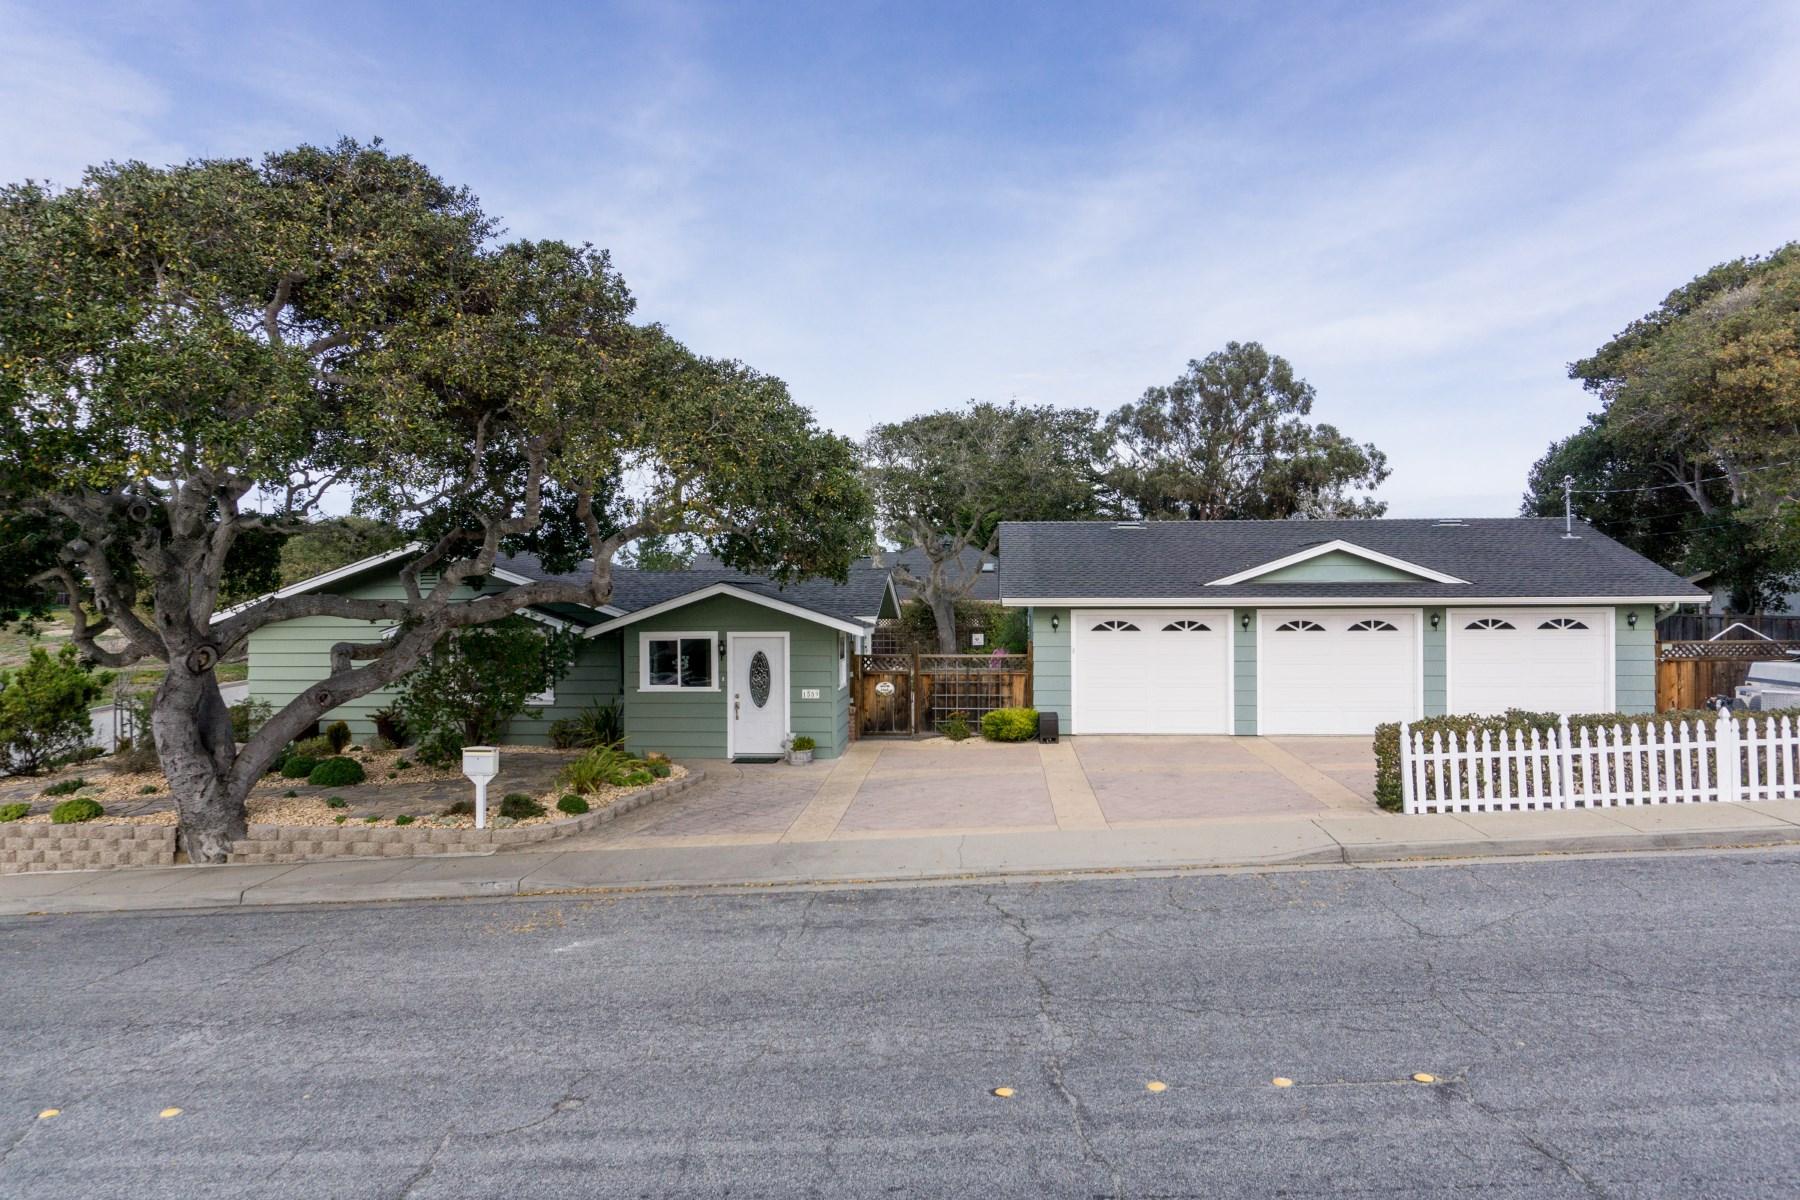 Maison unifamiliale pour l Vente à 1559 Kimball Avenue Seaside, Californie 93955 États-Unis